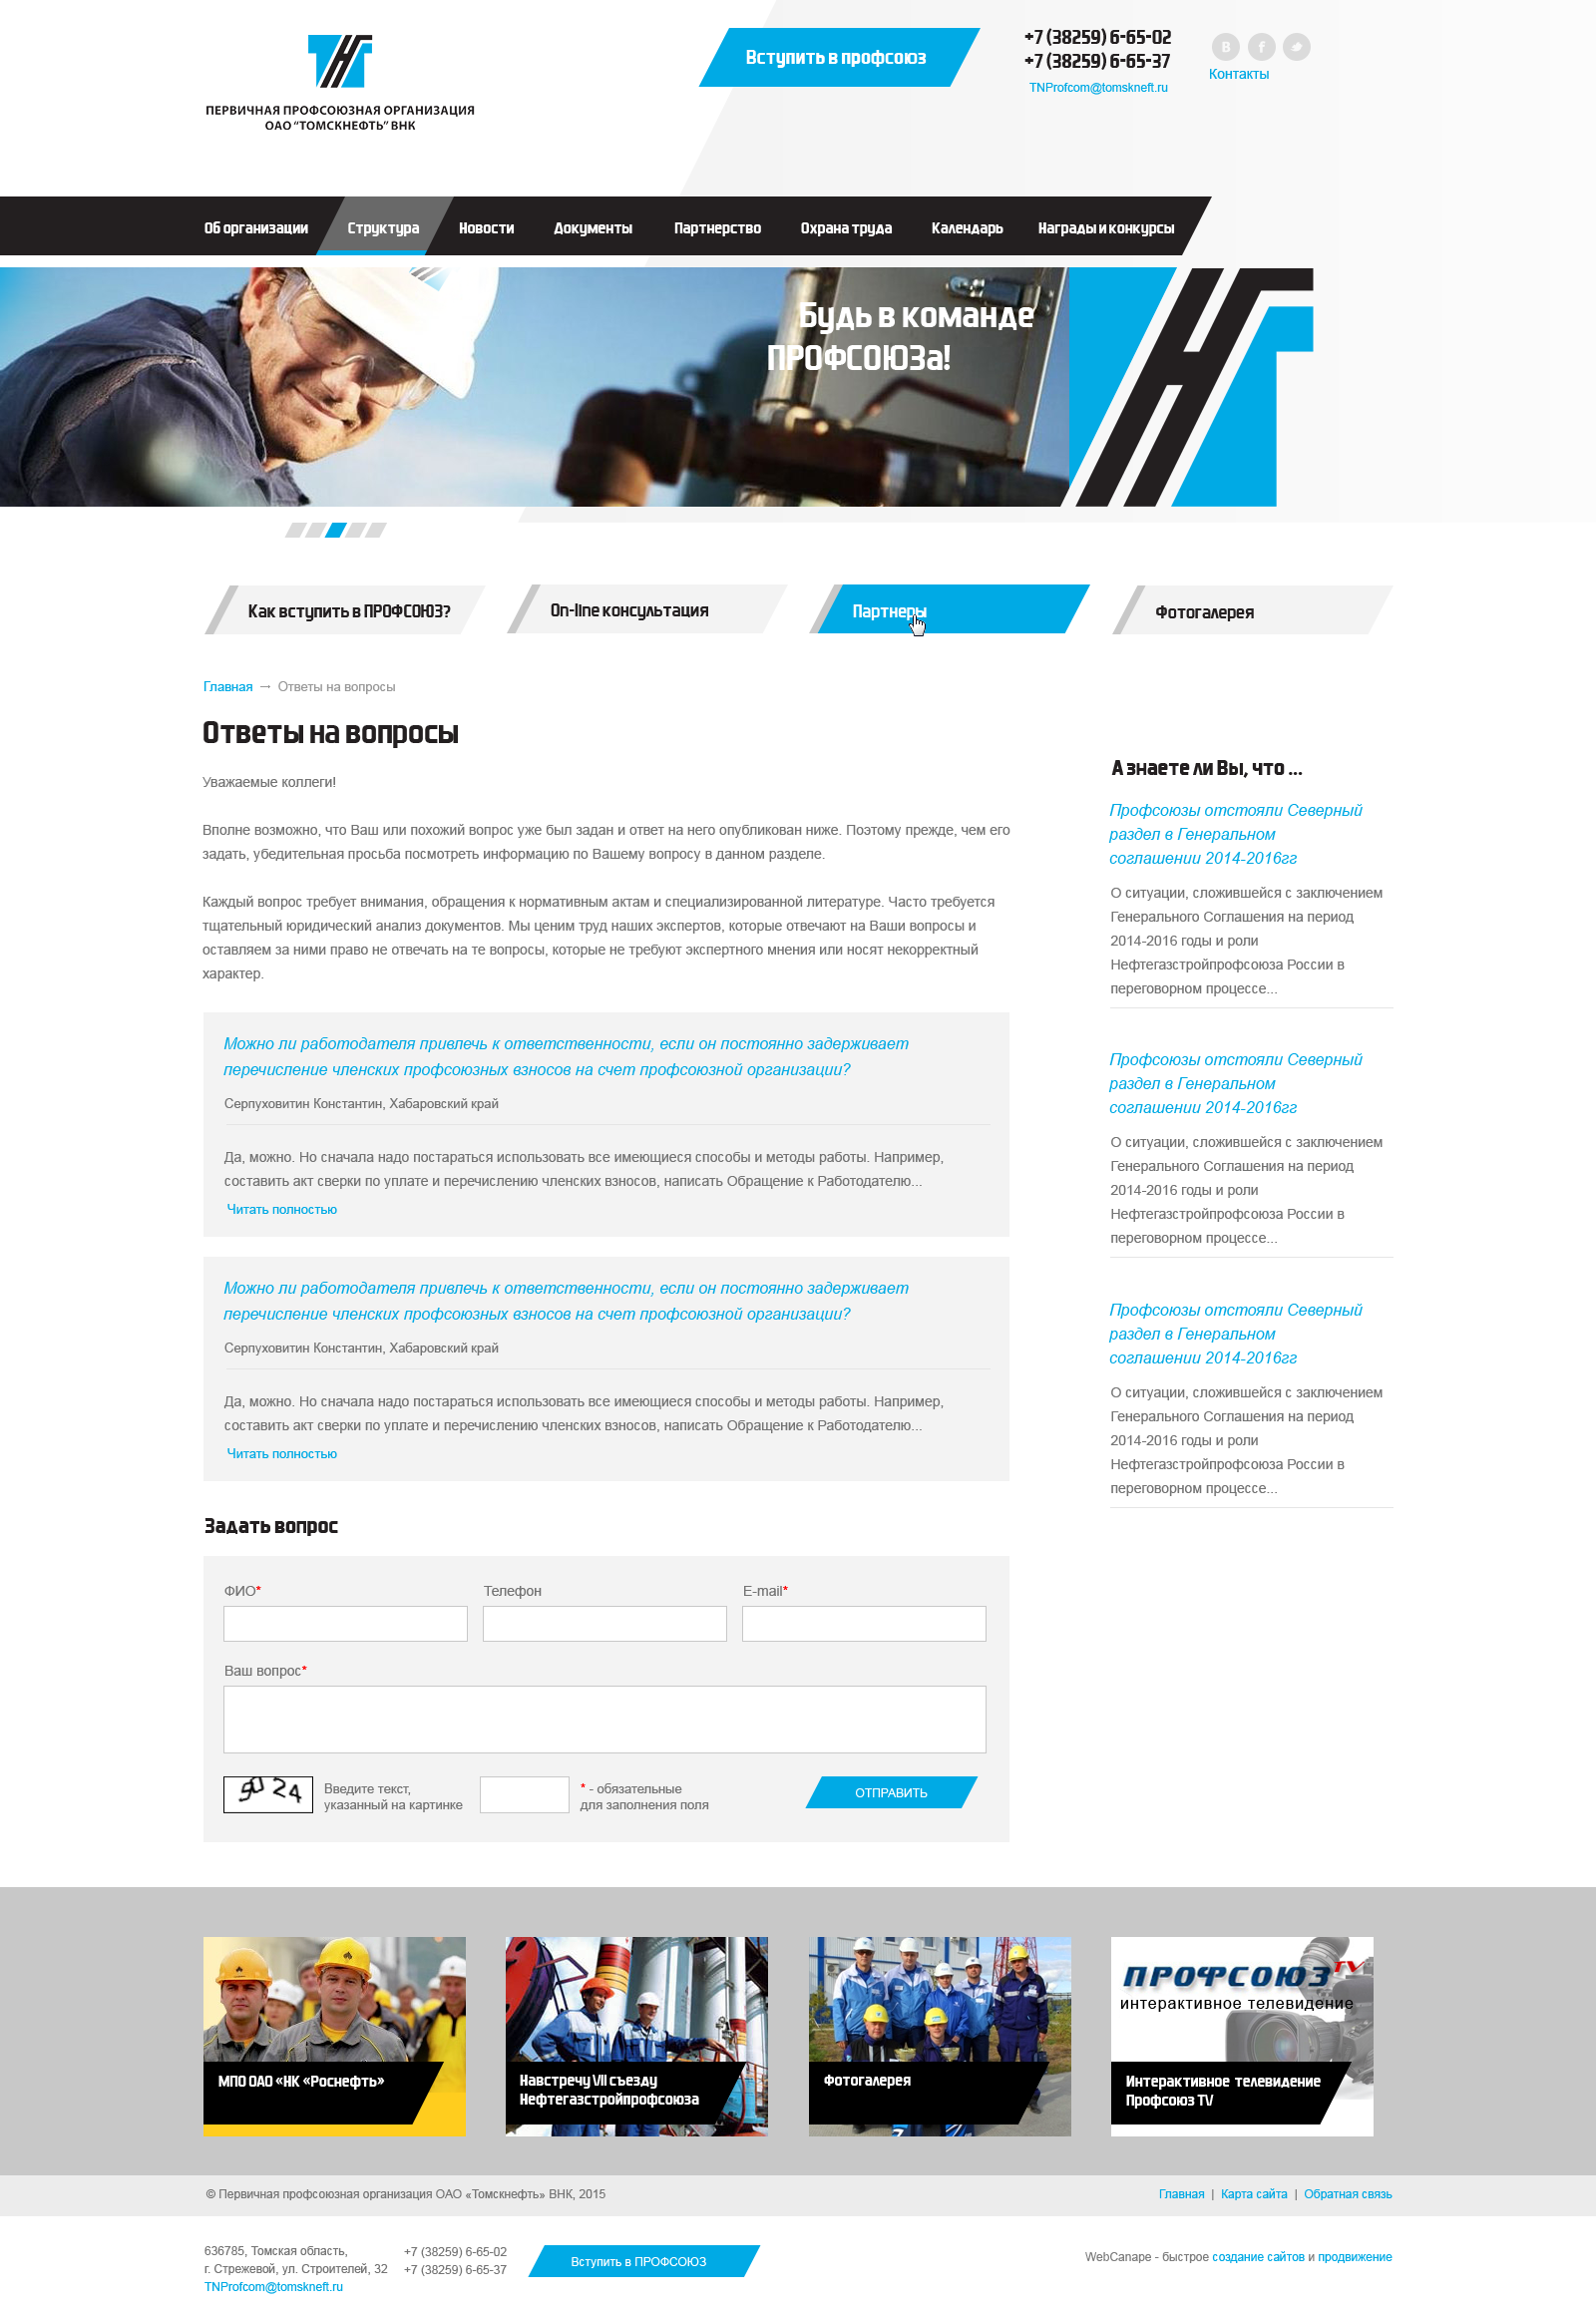 Создание сайта профсоюзной организации